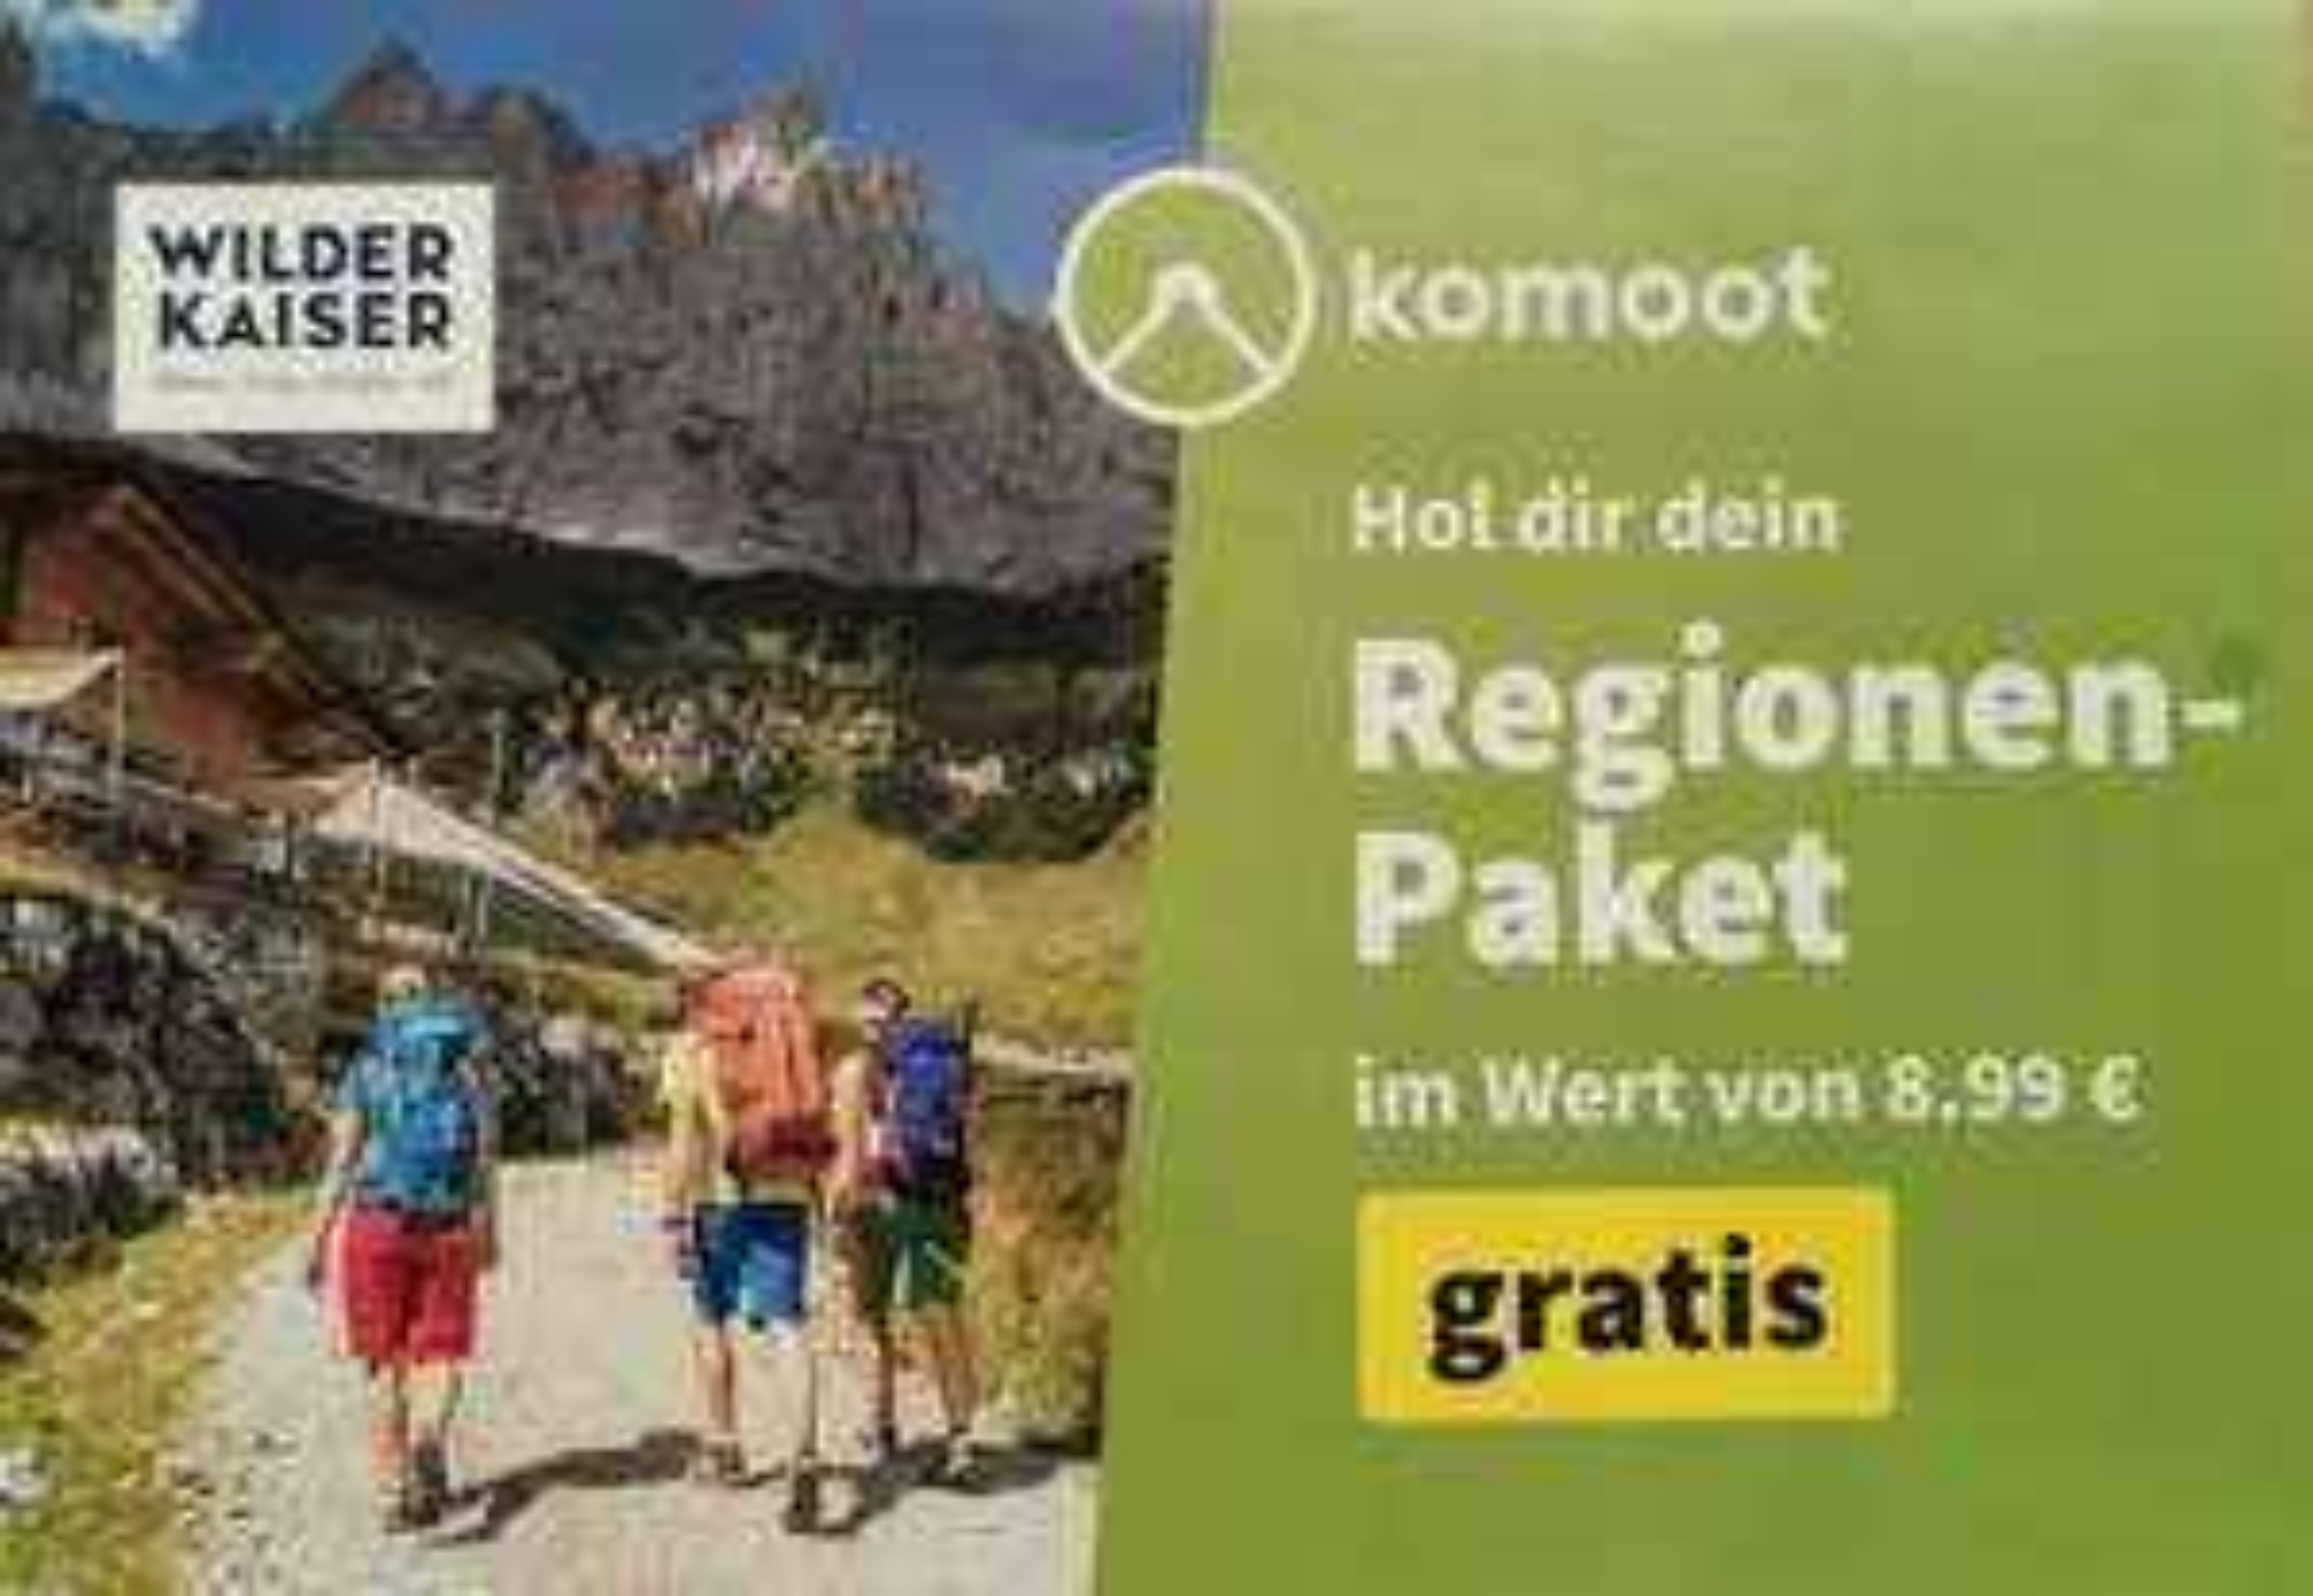 Komoot Regionen-Paket Wilder Kaiser Österreich